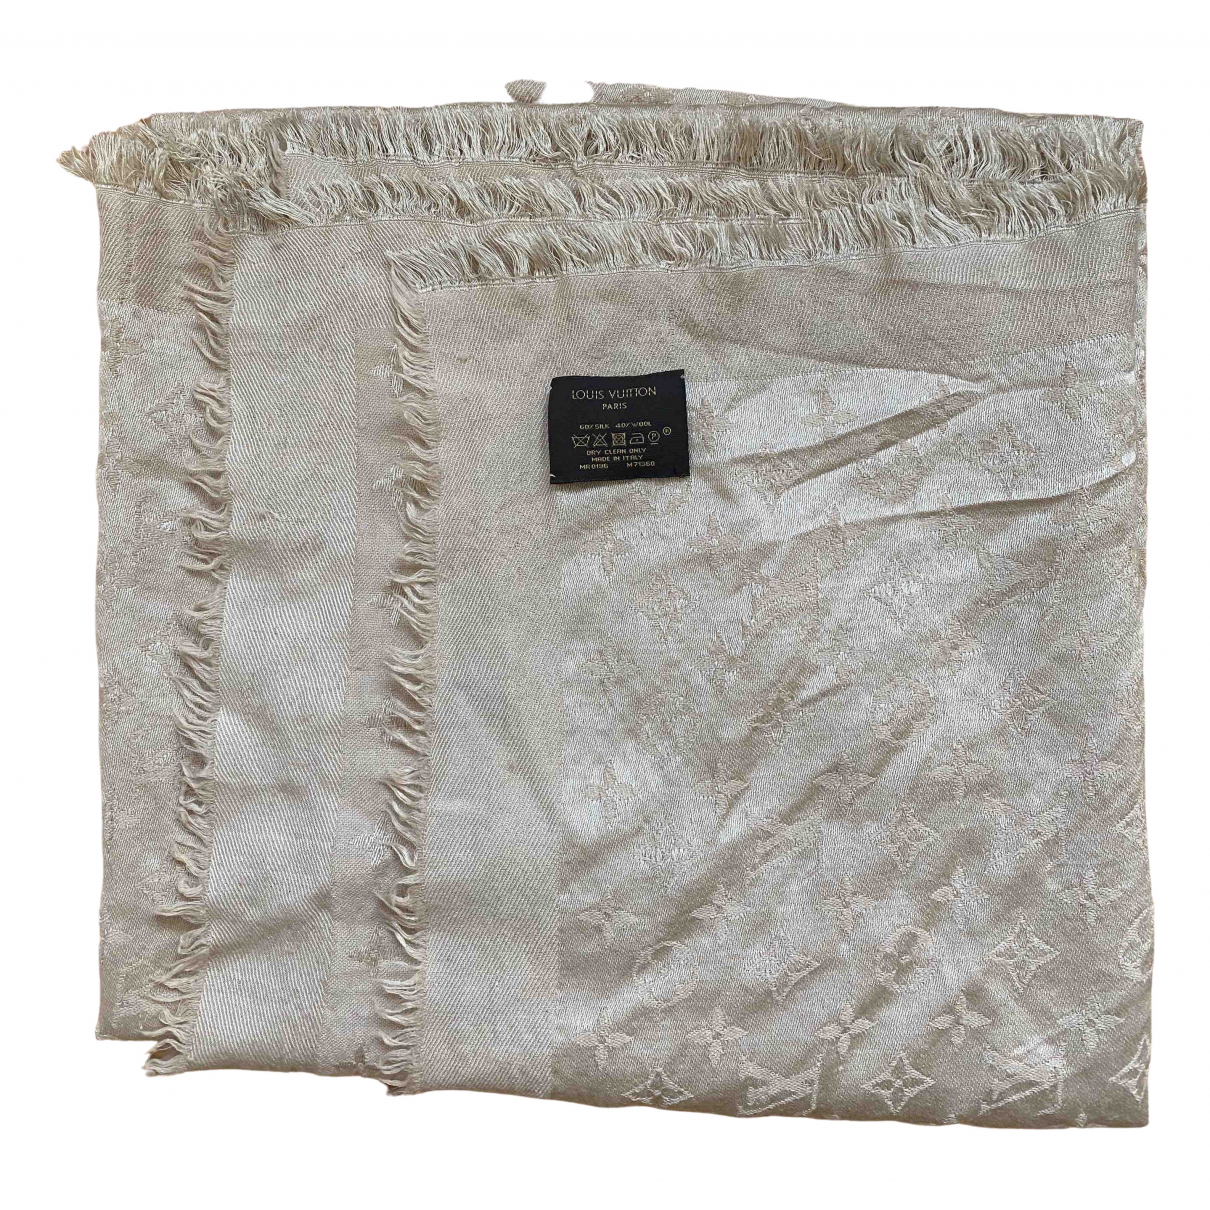 Louis Vuitton - Foulard Chale Monogram pour femme en laine